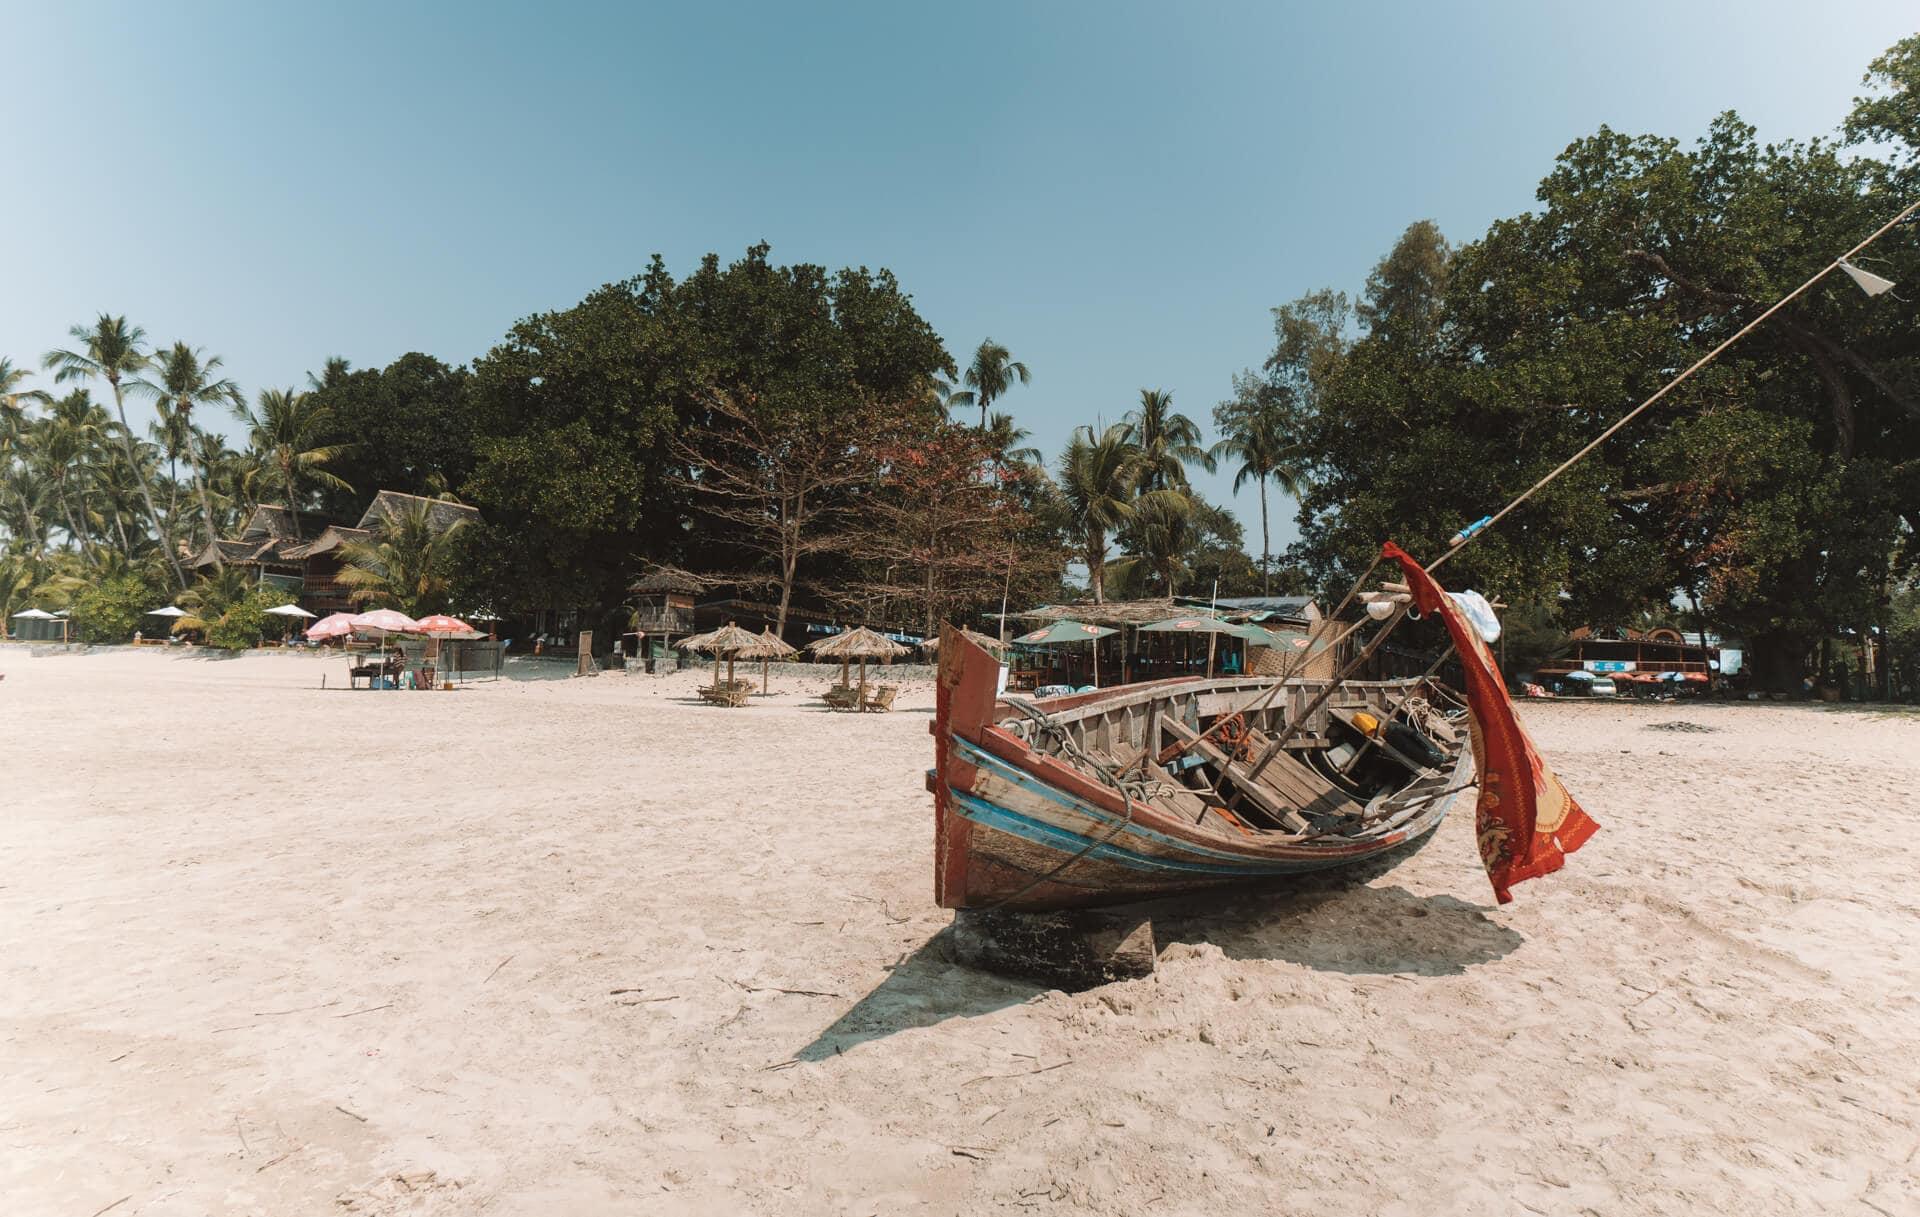 ngapali most beautiful beach boat